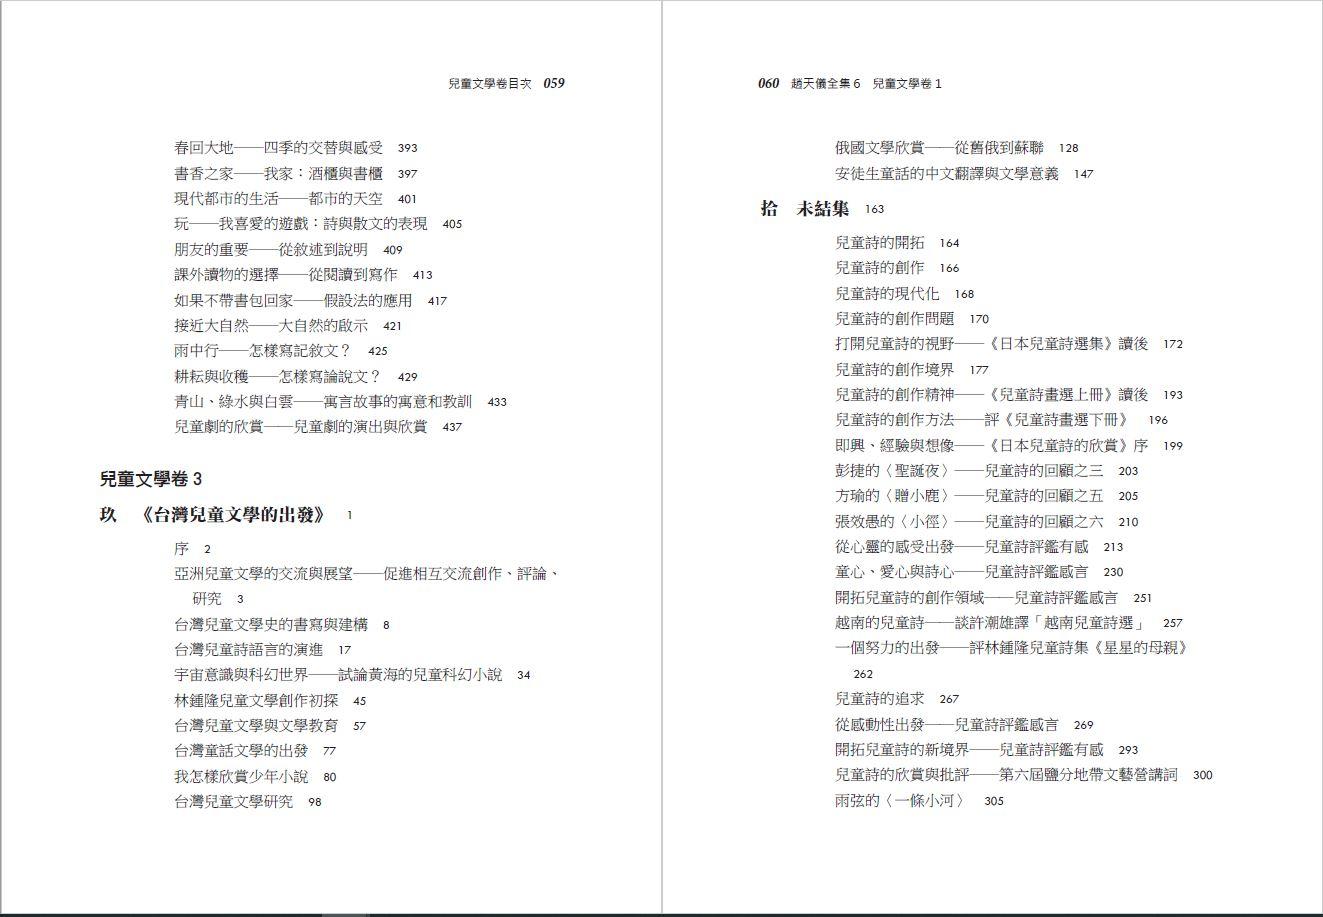 趙天儀全集-兒童文學卷-目錄7.JPG